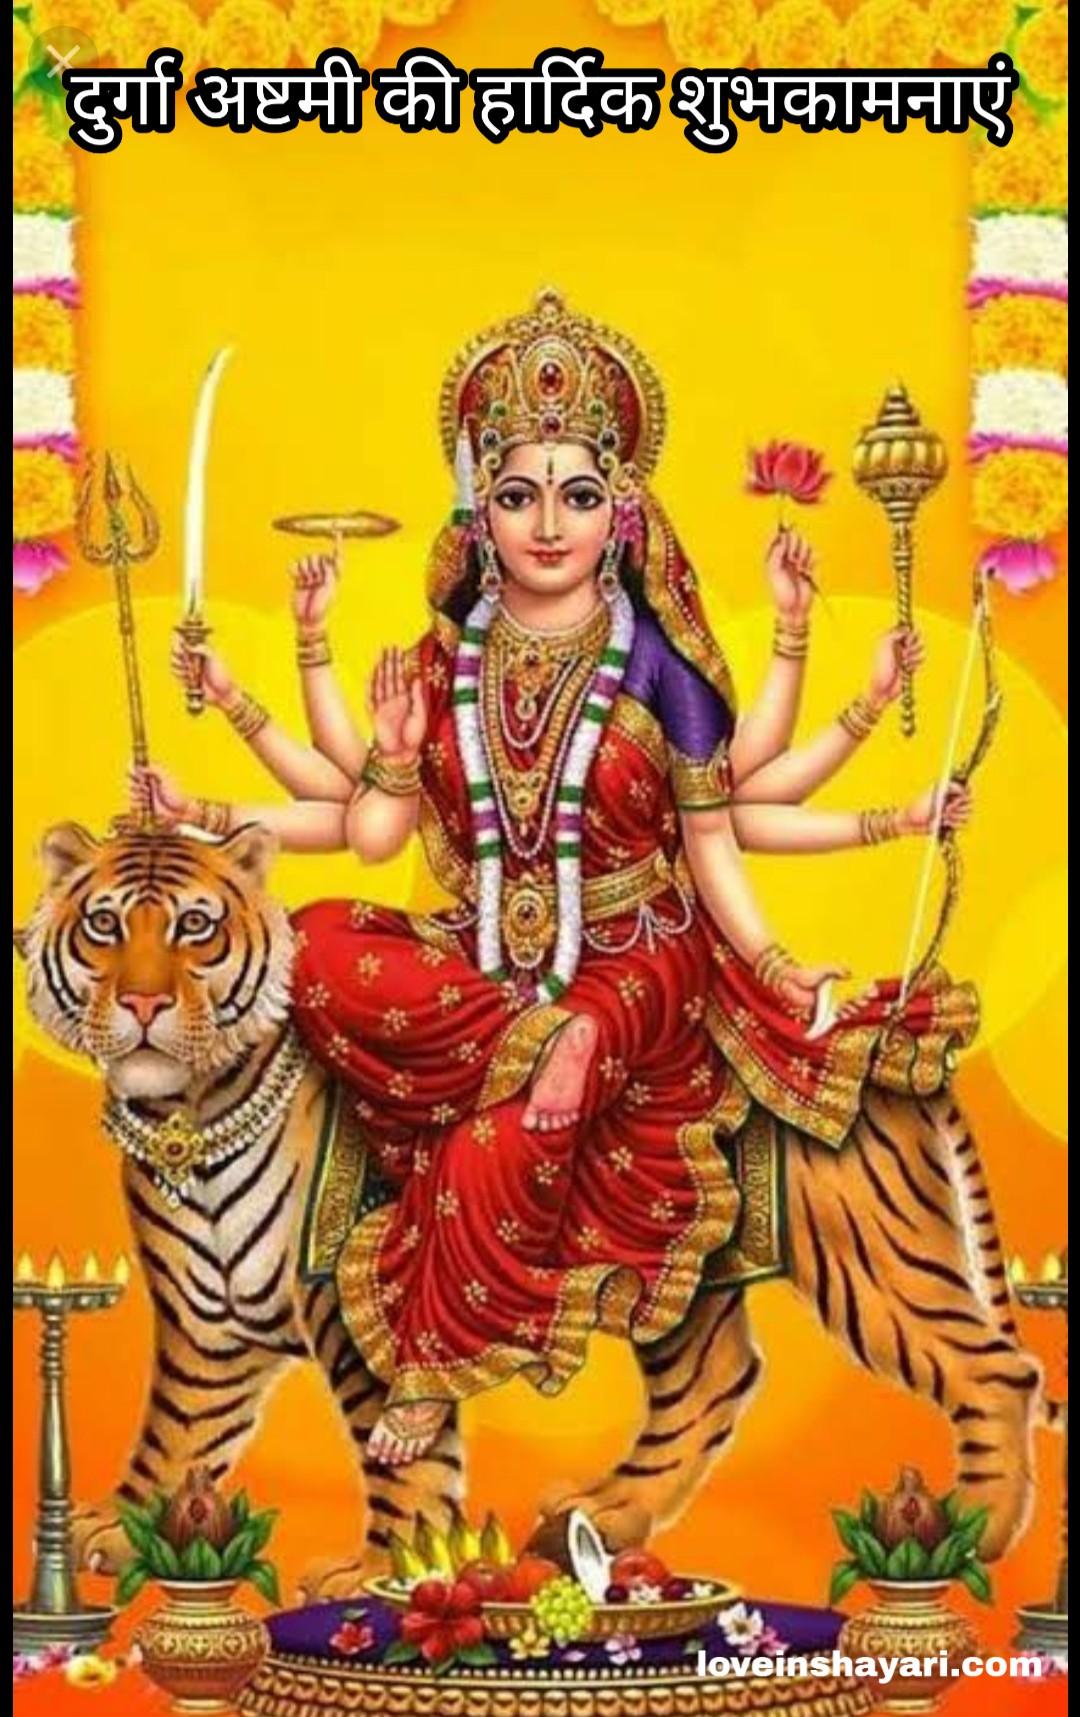 Photo of Maha ashtami wishes shayari whatsapp status images